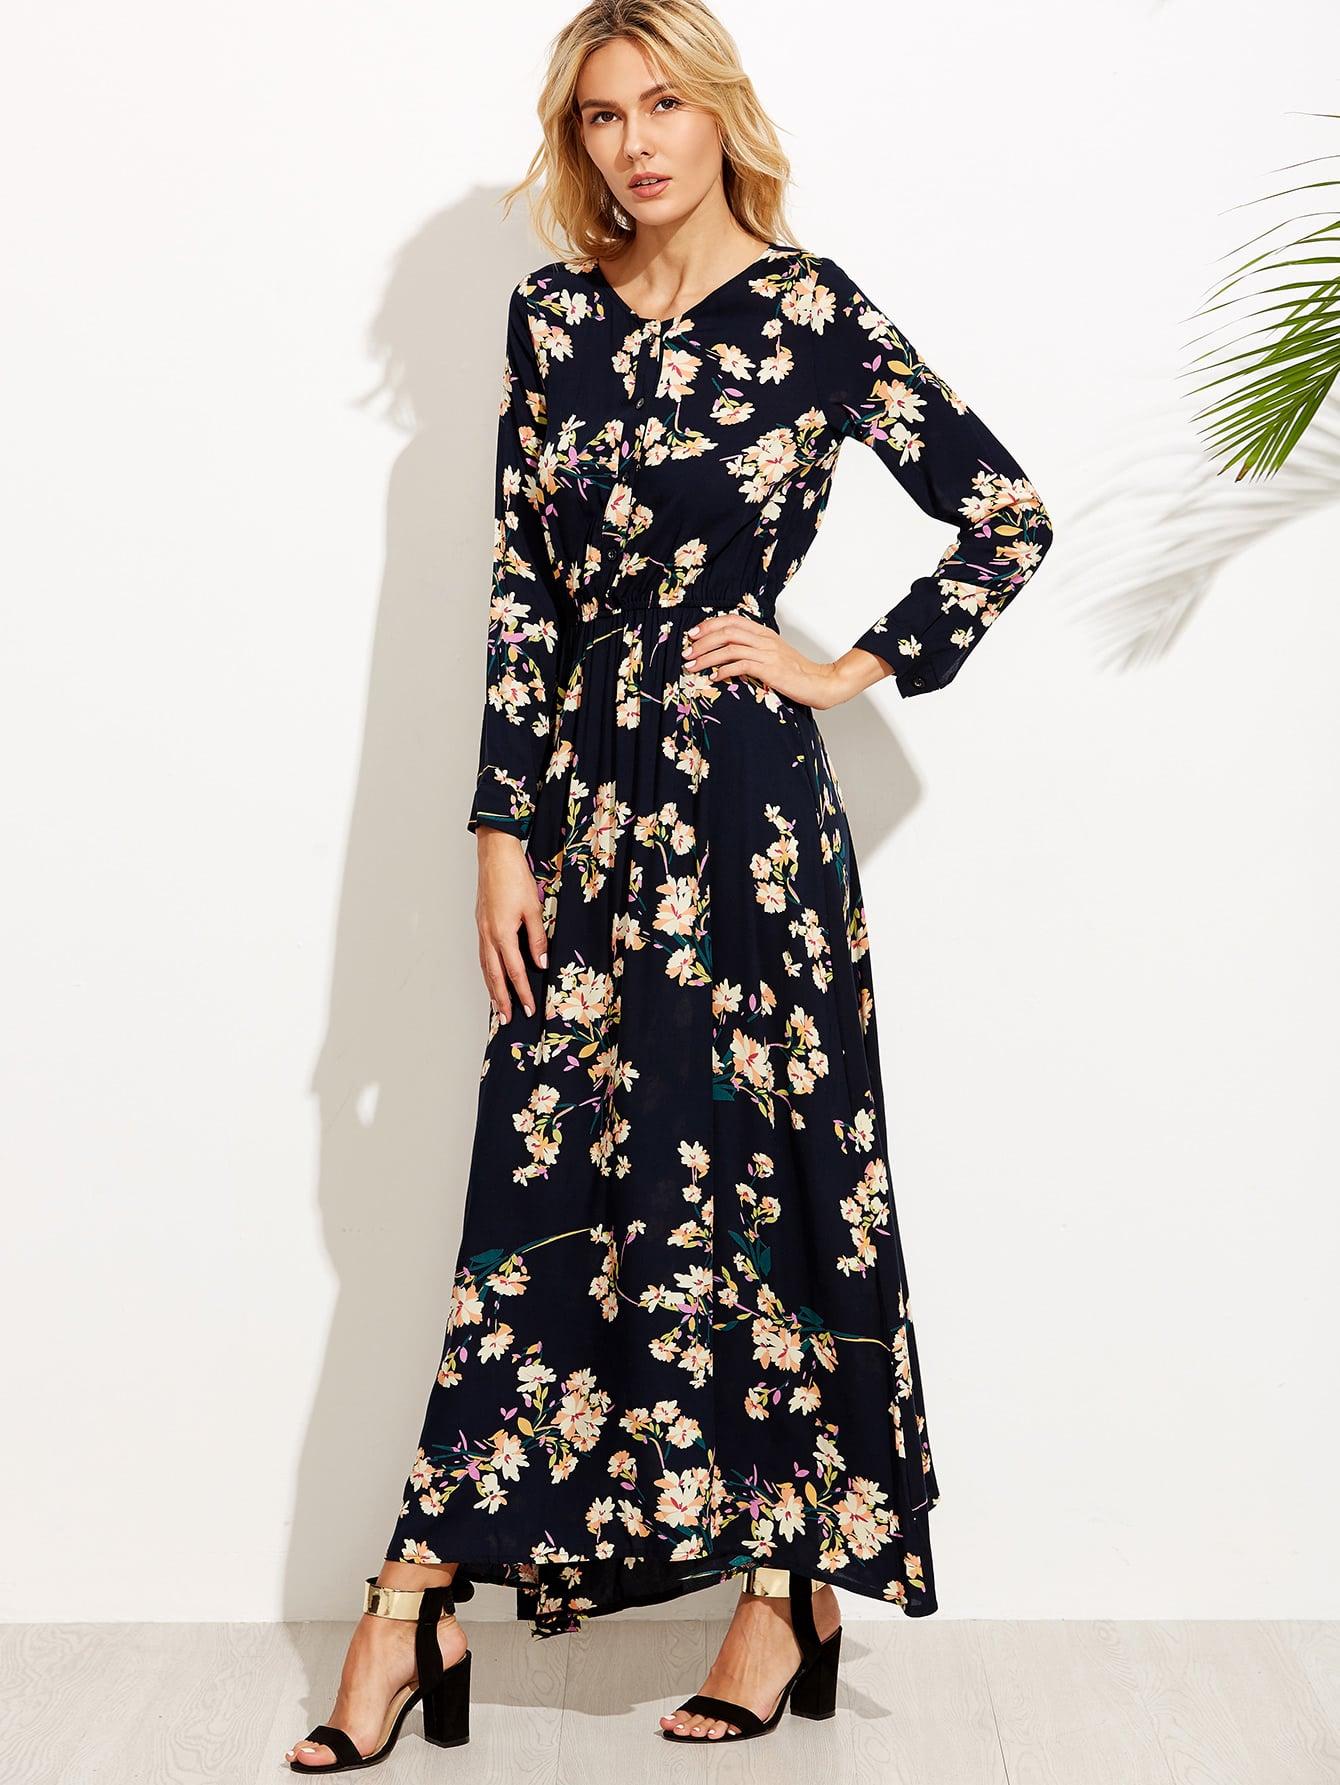 dress160818105_2